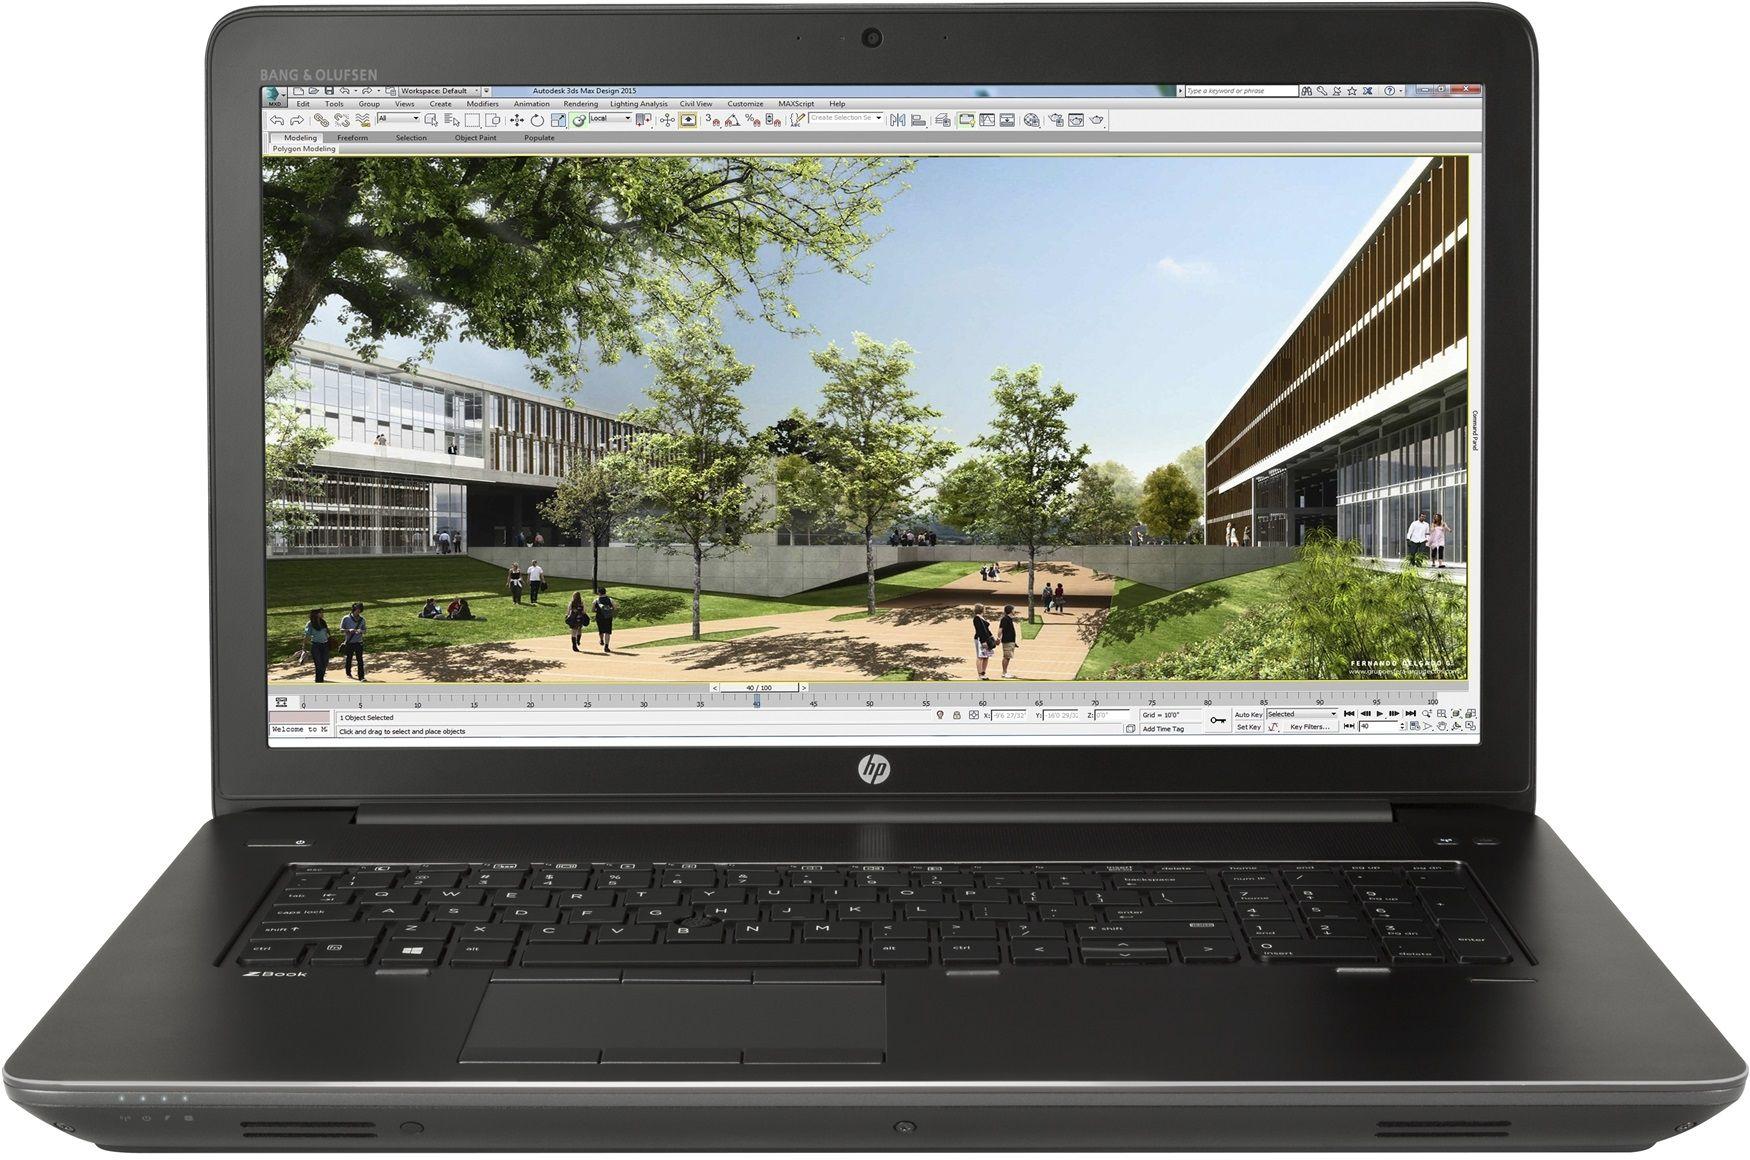 Laptop Hp Zbook 15 G4 15 6 Fhd Uwva I7 7700hq 16gb Ram 512gb